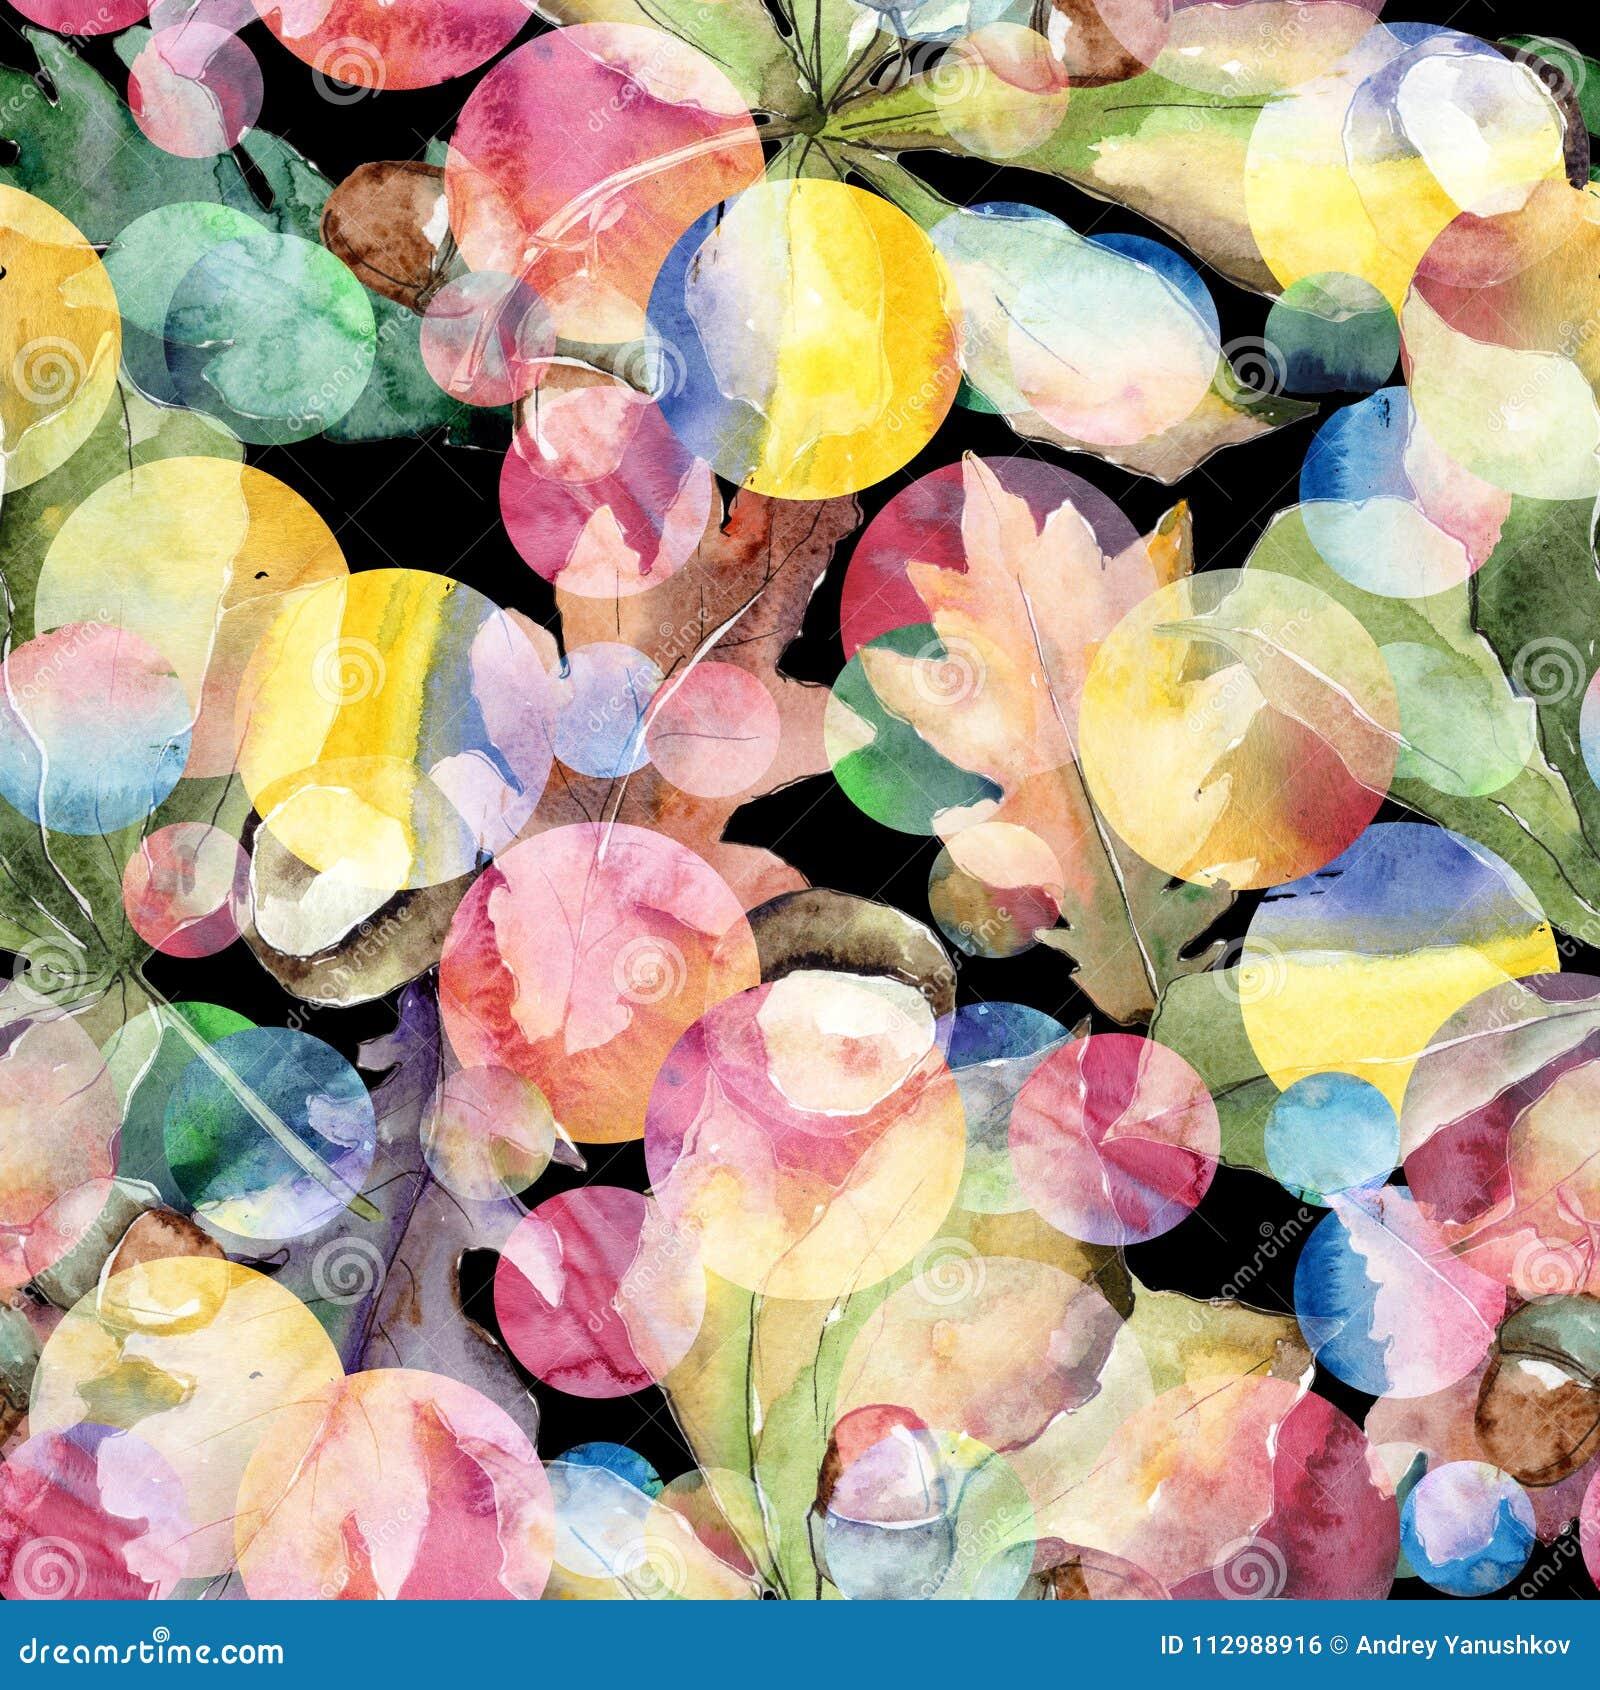 Oak leaves pattern in a watercolor style.